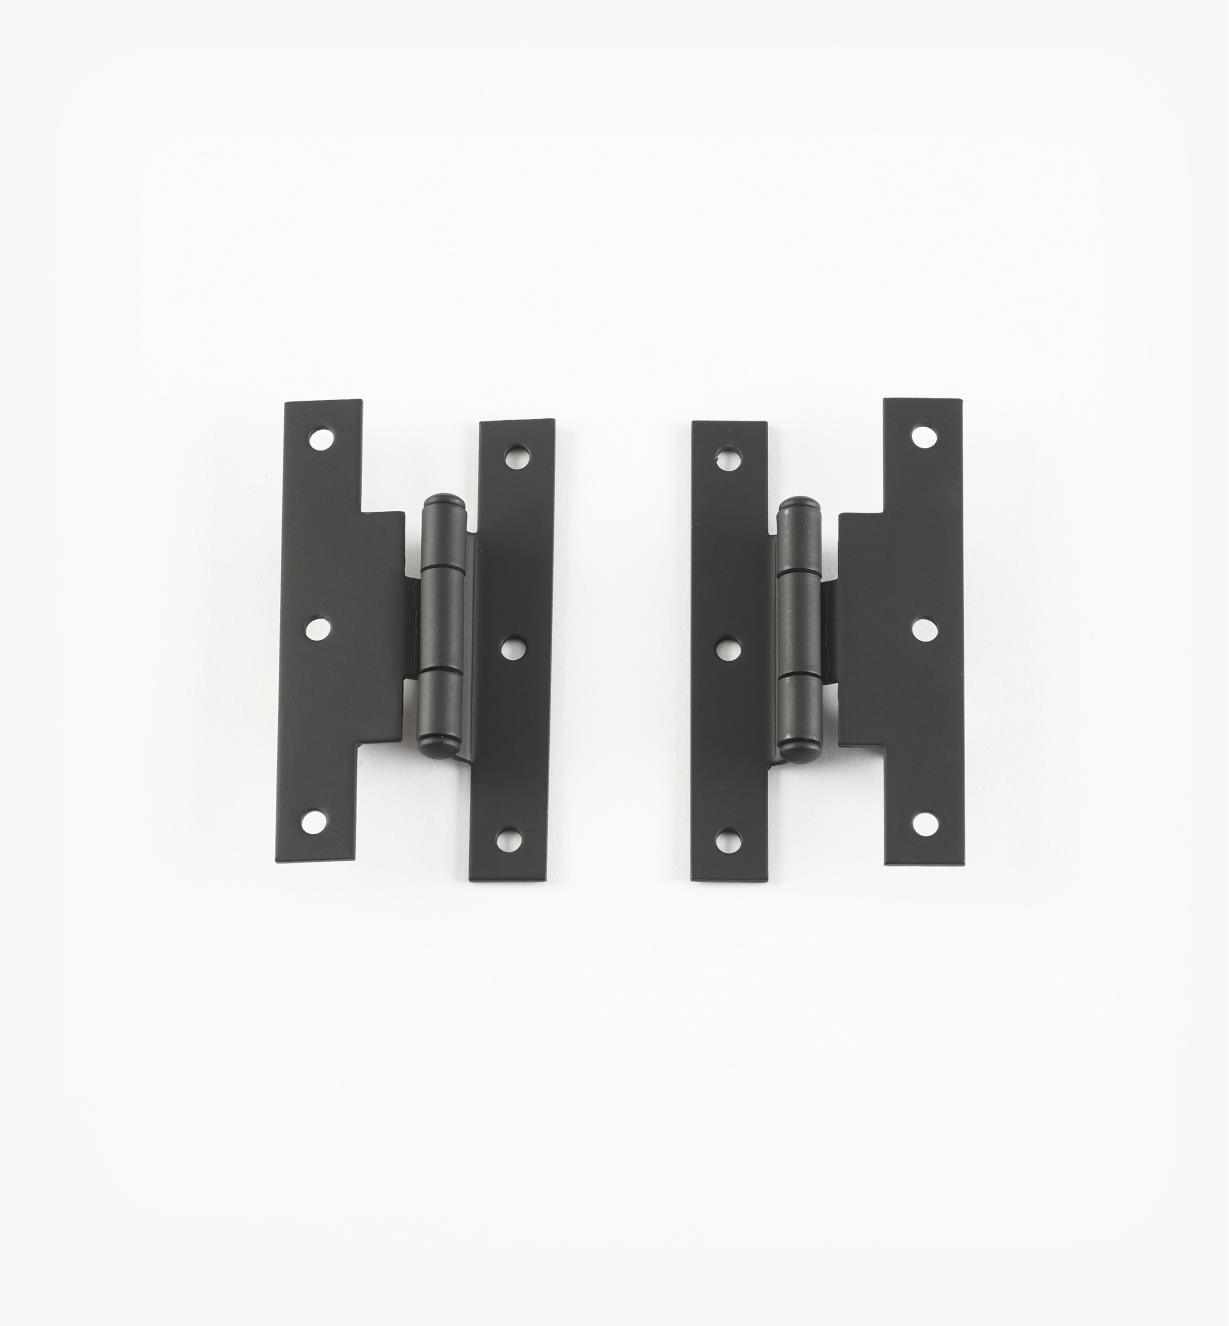 01X3520 - Pentures de milieu déportées, fini lisse, 3 po x 1 5/8 po, la paire